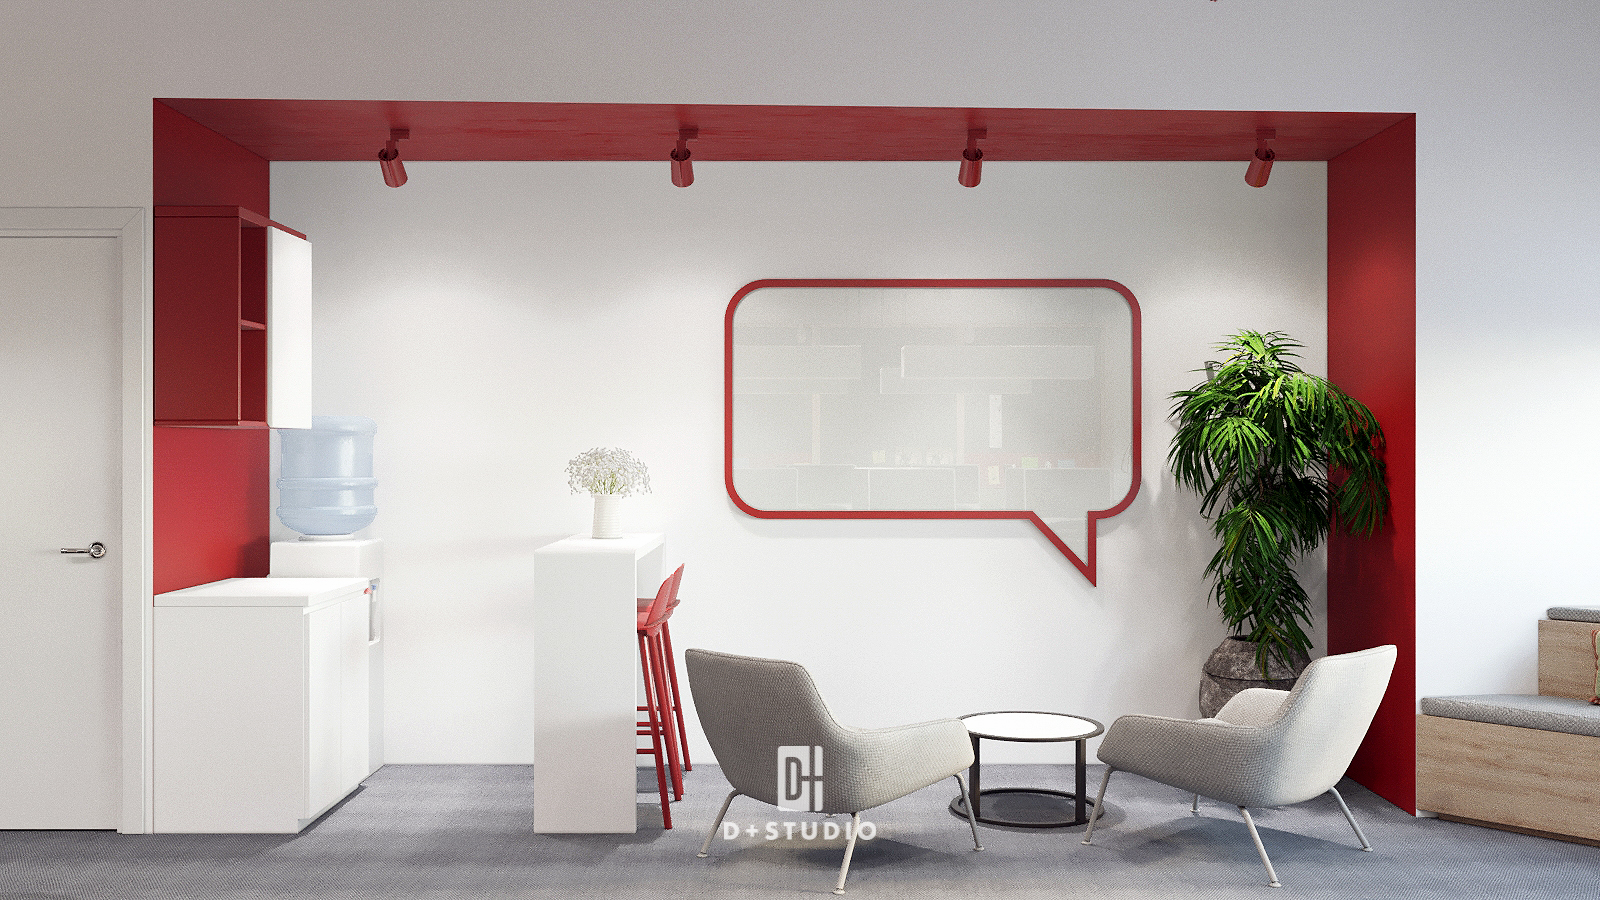 Khu vực pantry marketing sử dụng màu đỏ làm điểm nhấn trên tường mang đến nguồn năng lượng, truyền thêm nhiệt huyết cho nhân viên